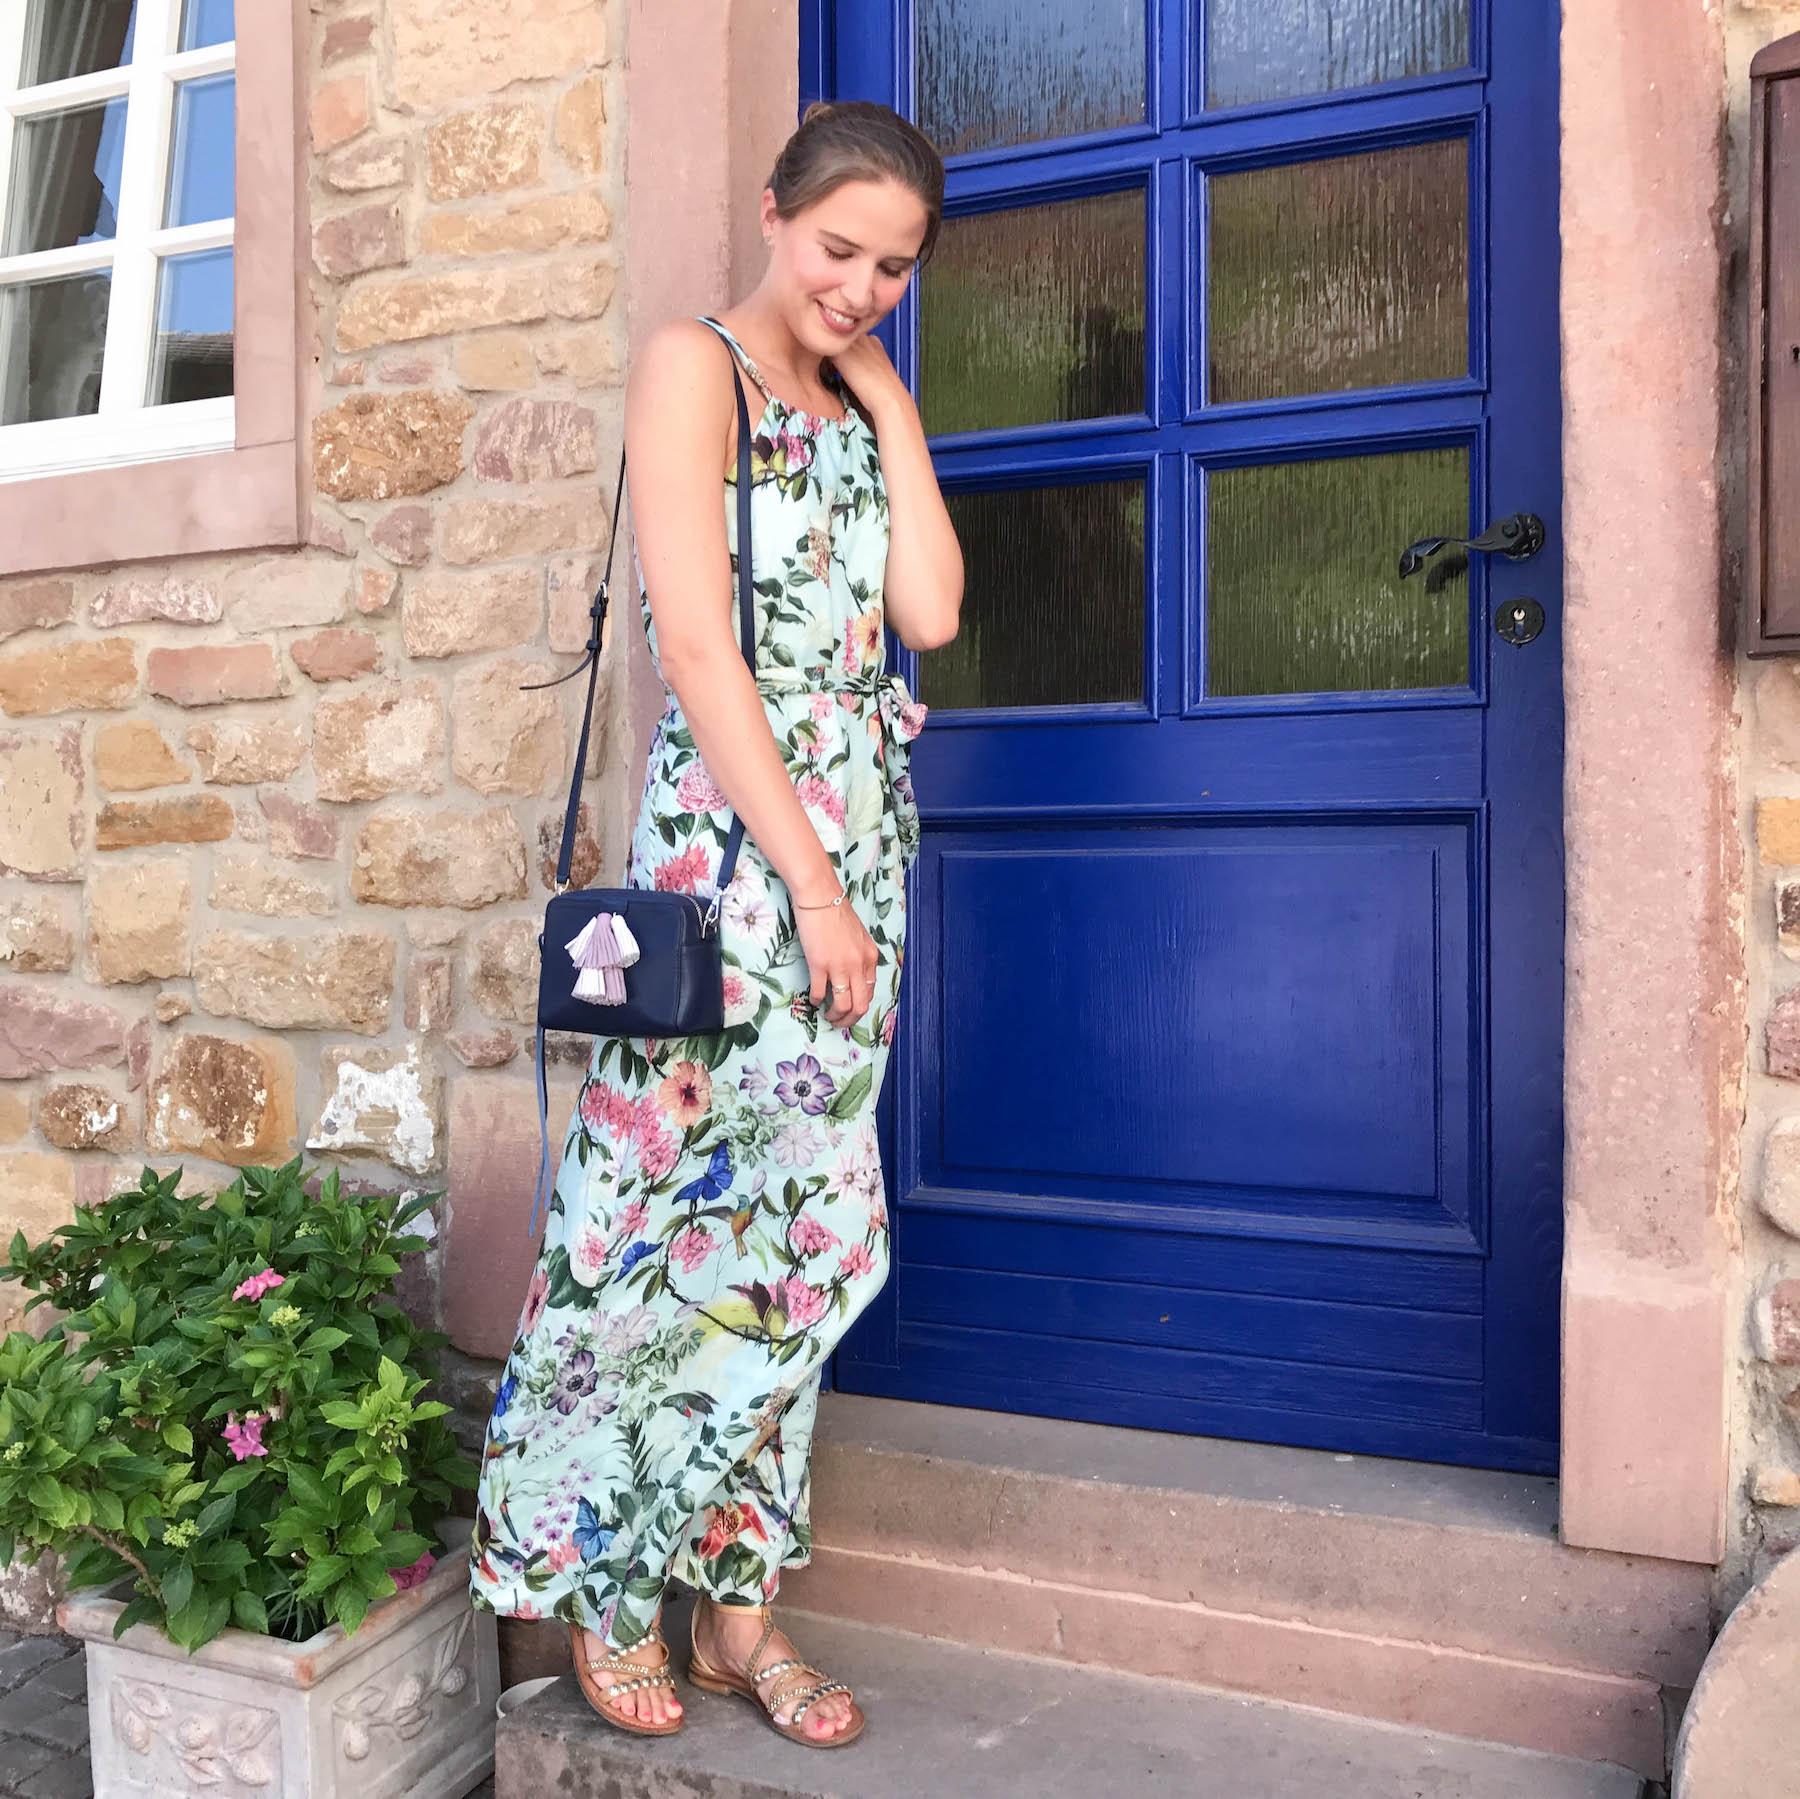 Nett Maxi Kleid Hochzeitsgast Fotos - Hochzeit Kleid Stile Ideen ...